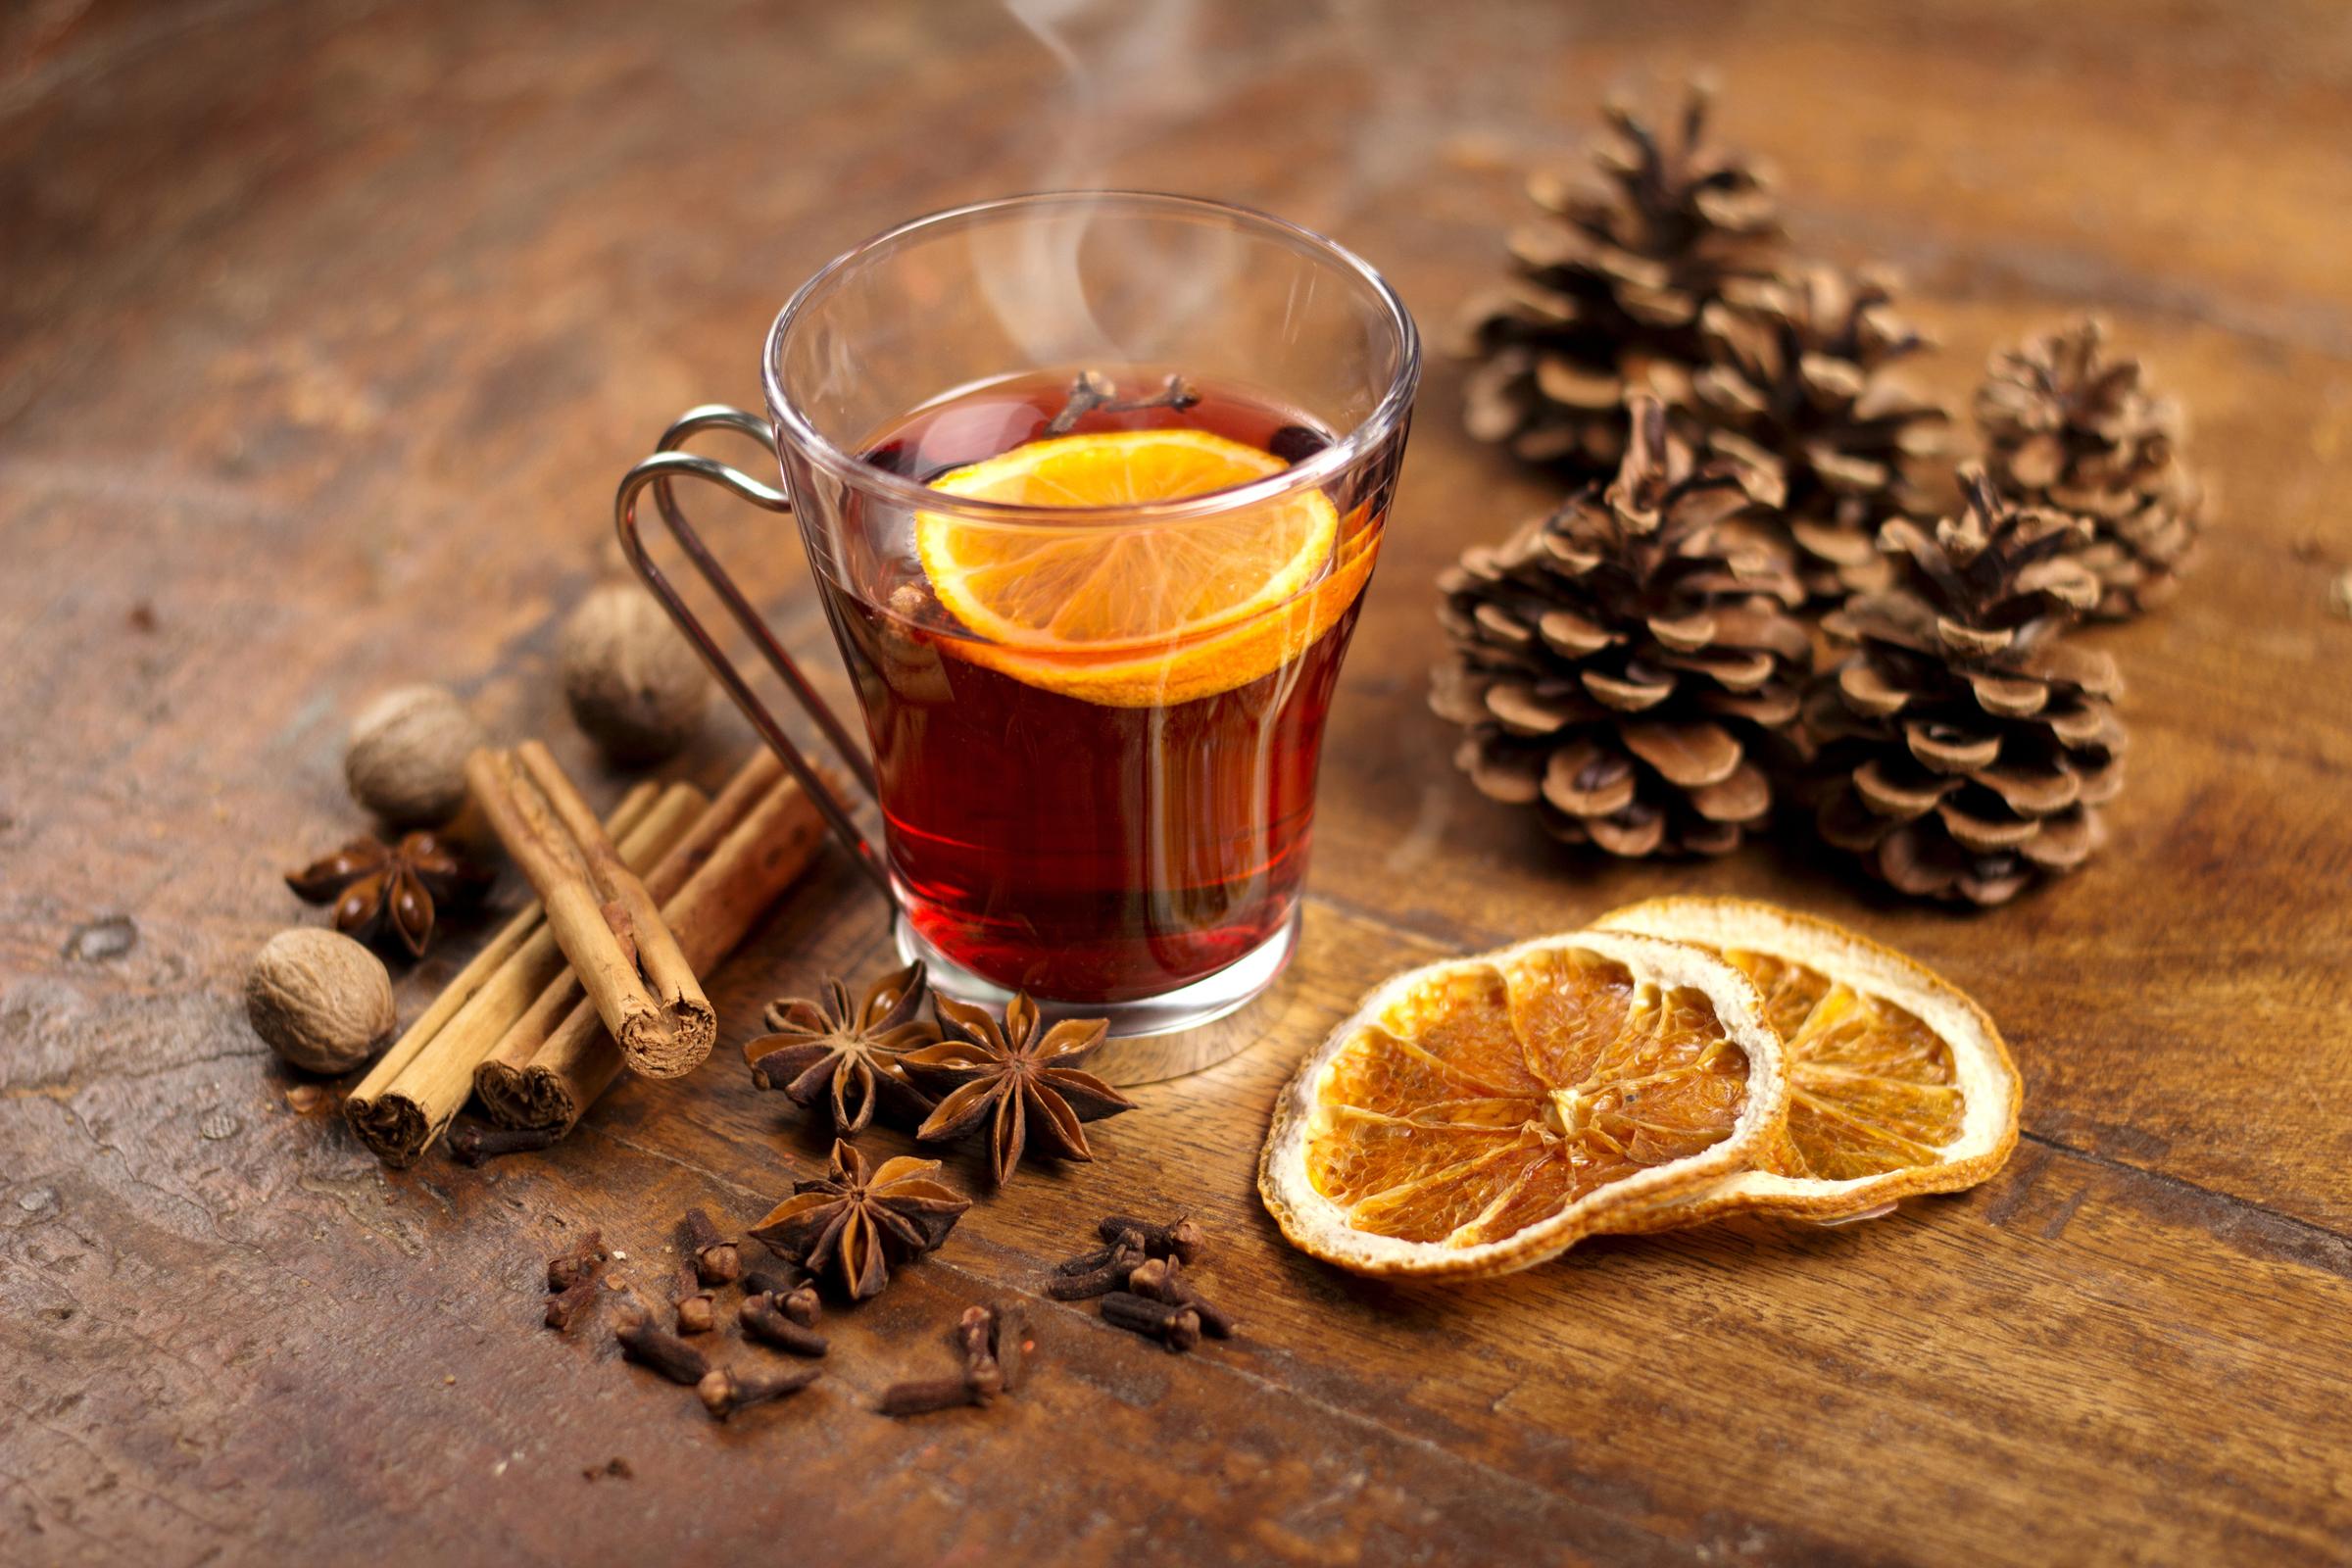 A téli forró italok három alkotórésze is segíti a fogyást